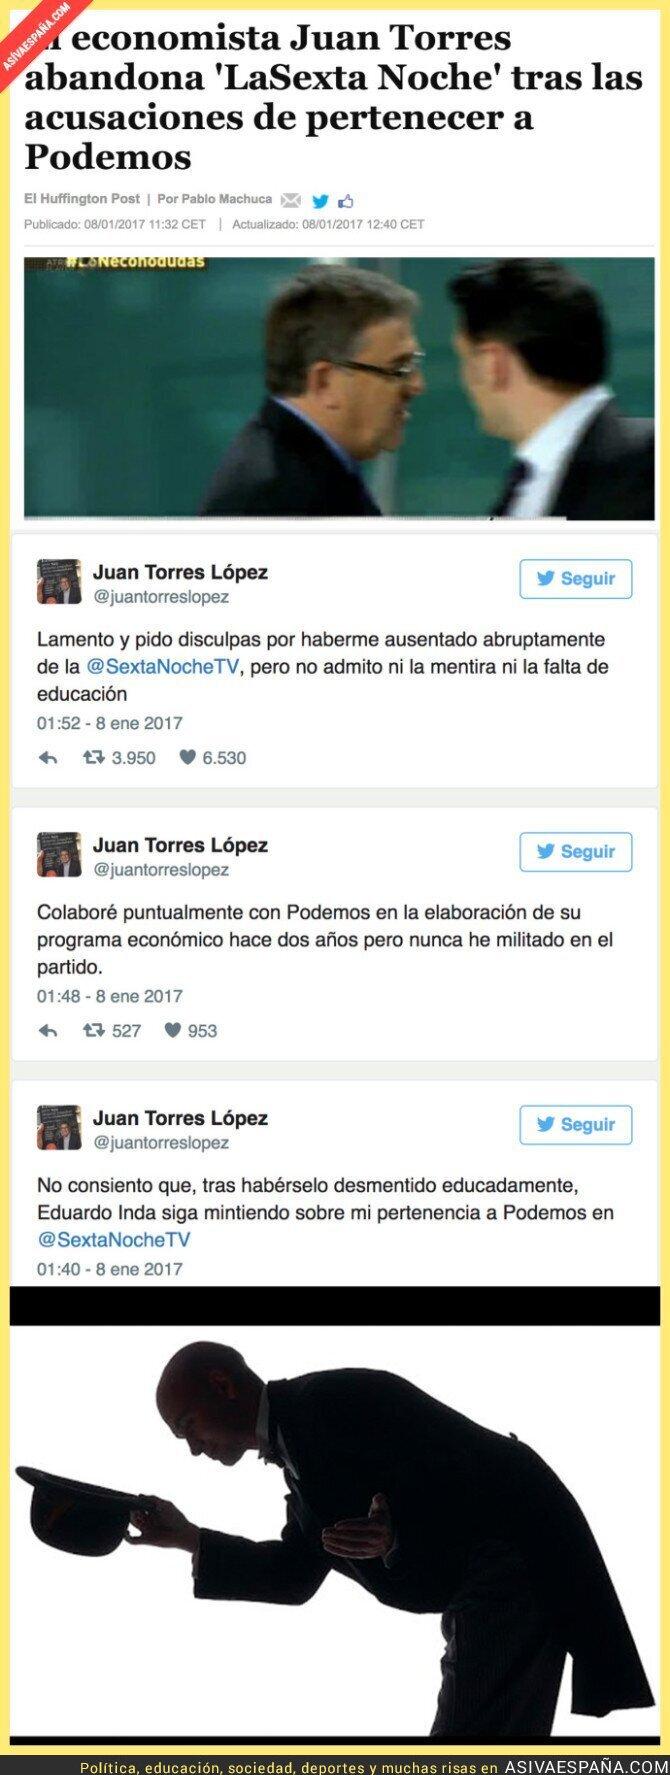 60451 - Debería existir más gente como Juan Torres